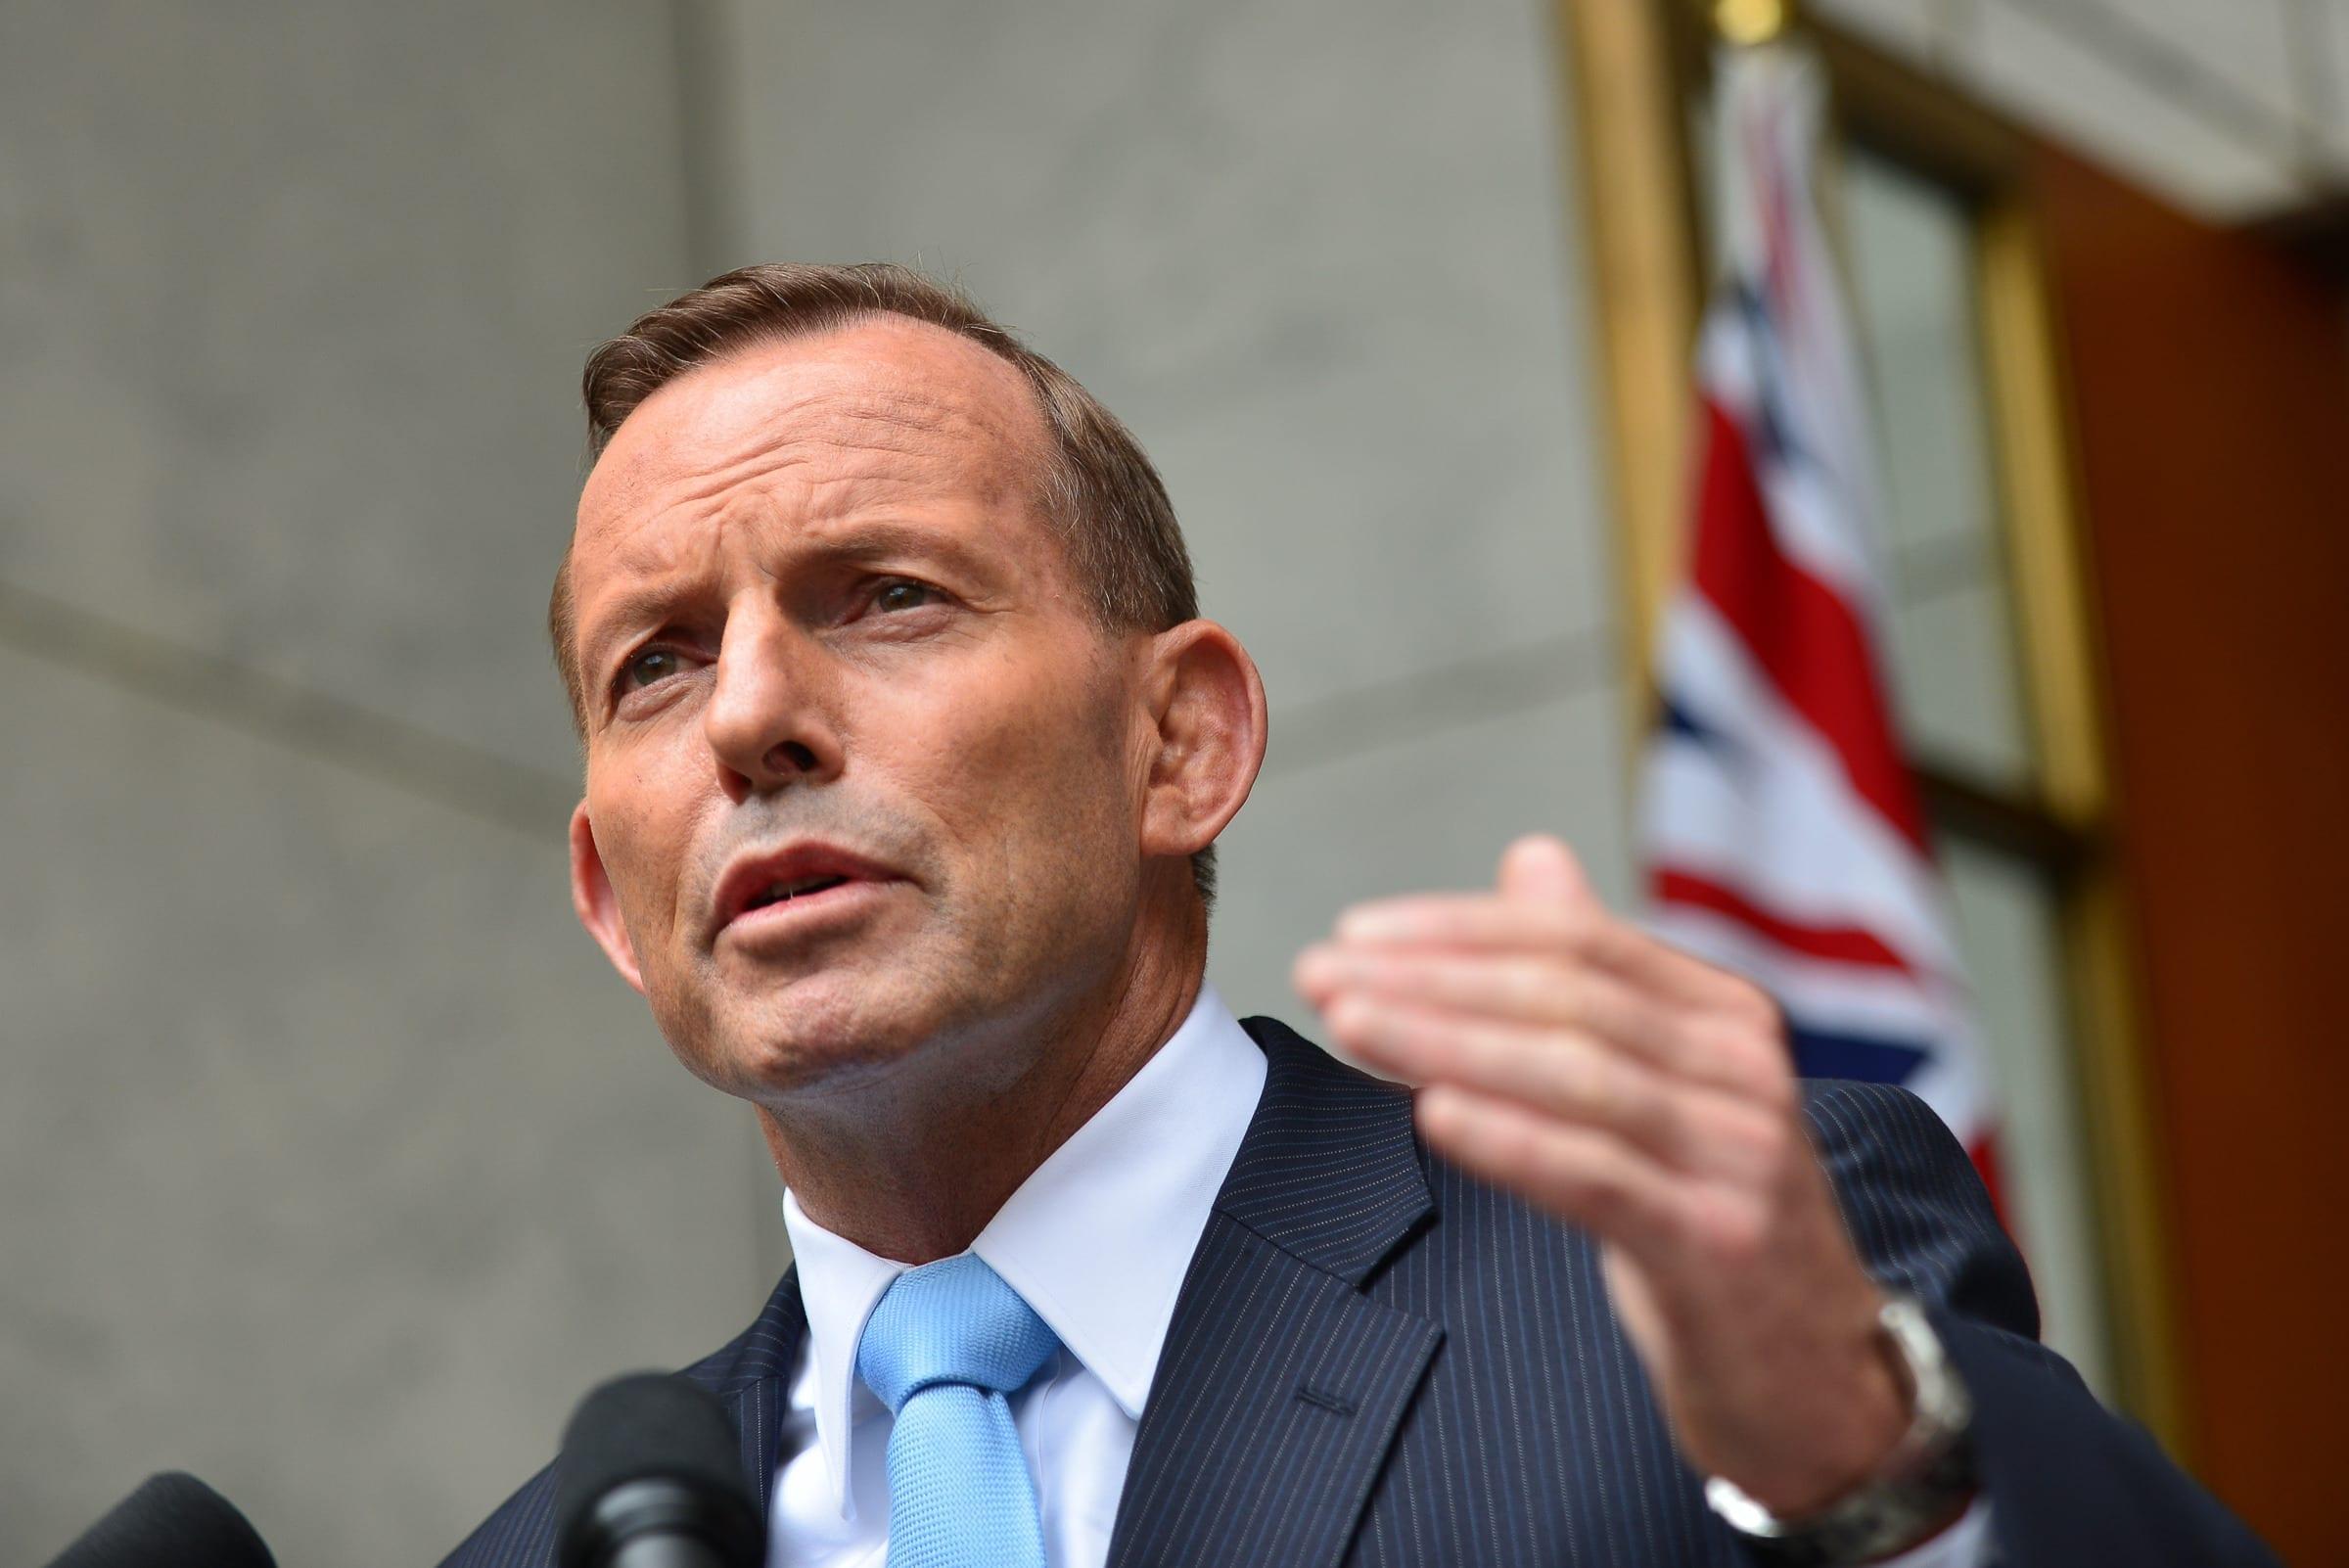 L'Australia può fare di più per ridurre il Co2